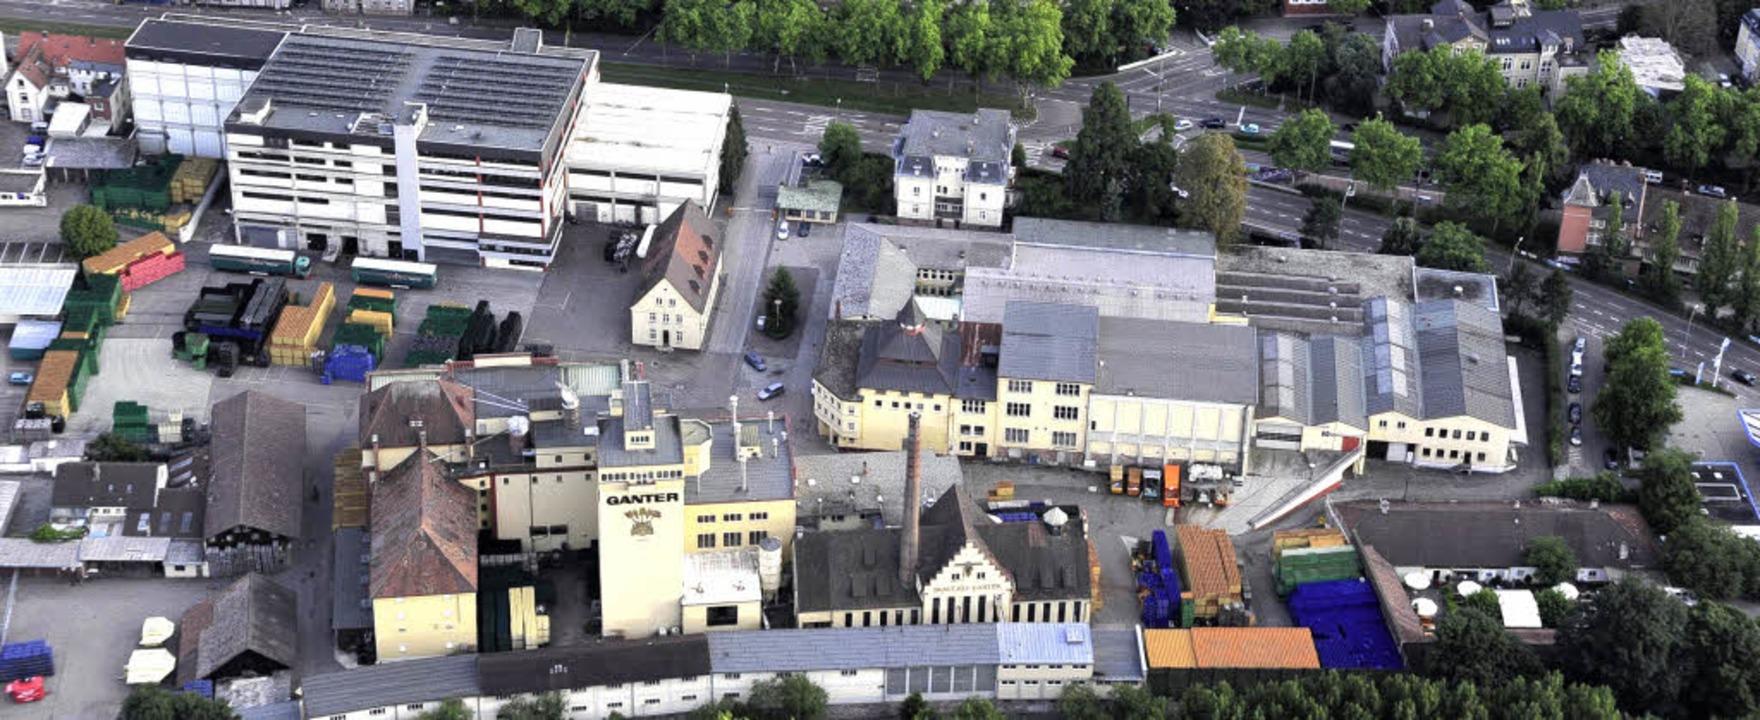 Das Areal der Ganter-Brauerei: Das Fla...ert sich auf ihren historischen Kern.   | Foto: Thomas Kunz